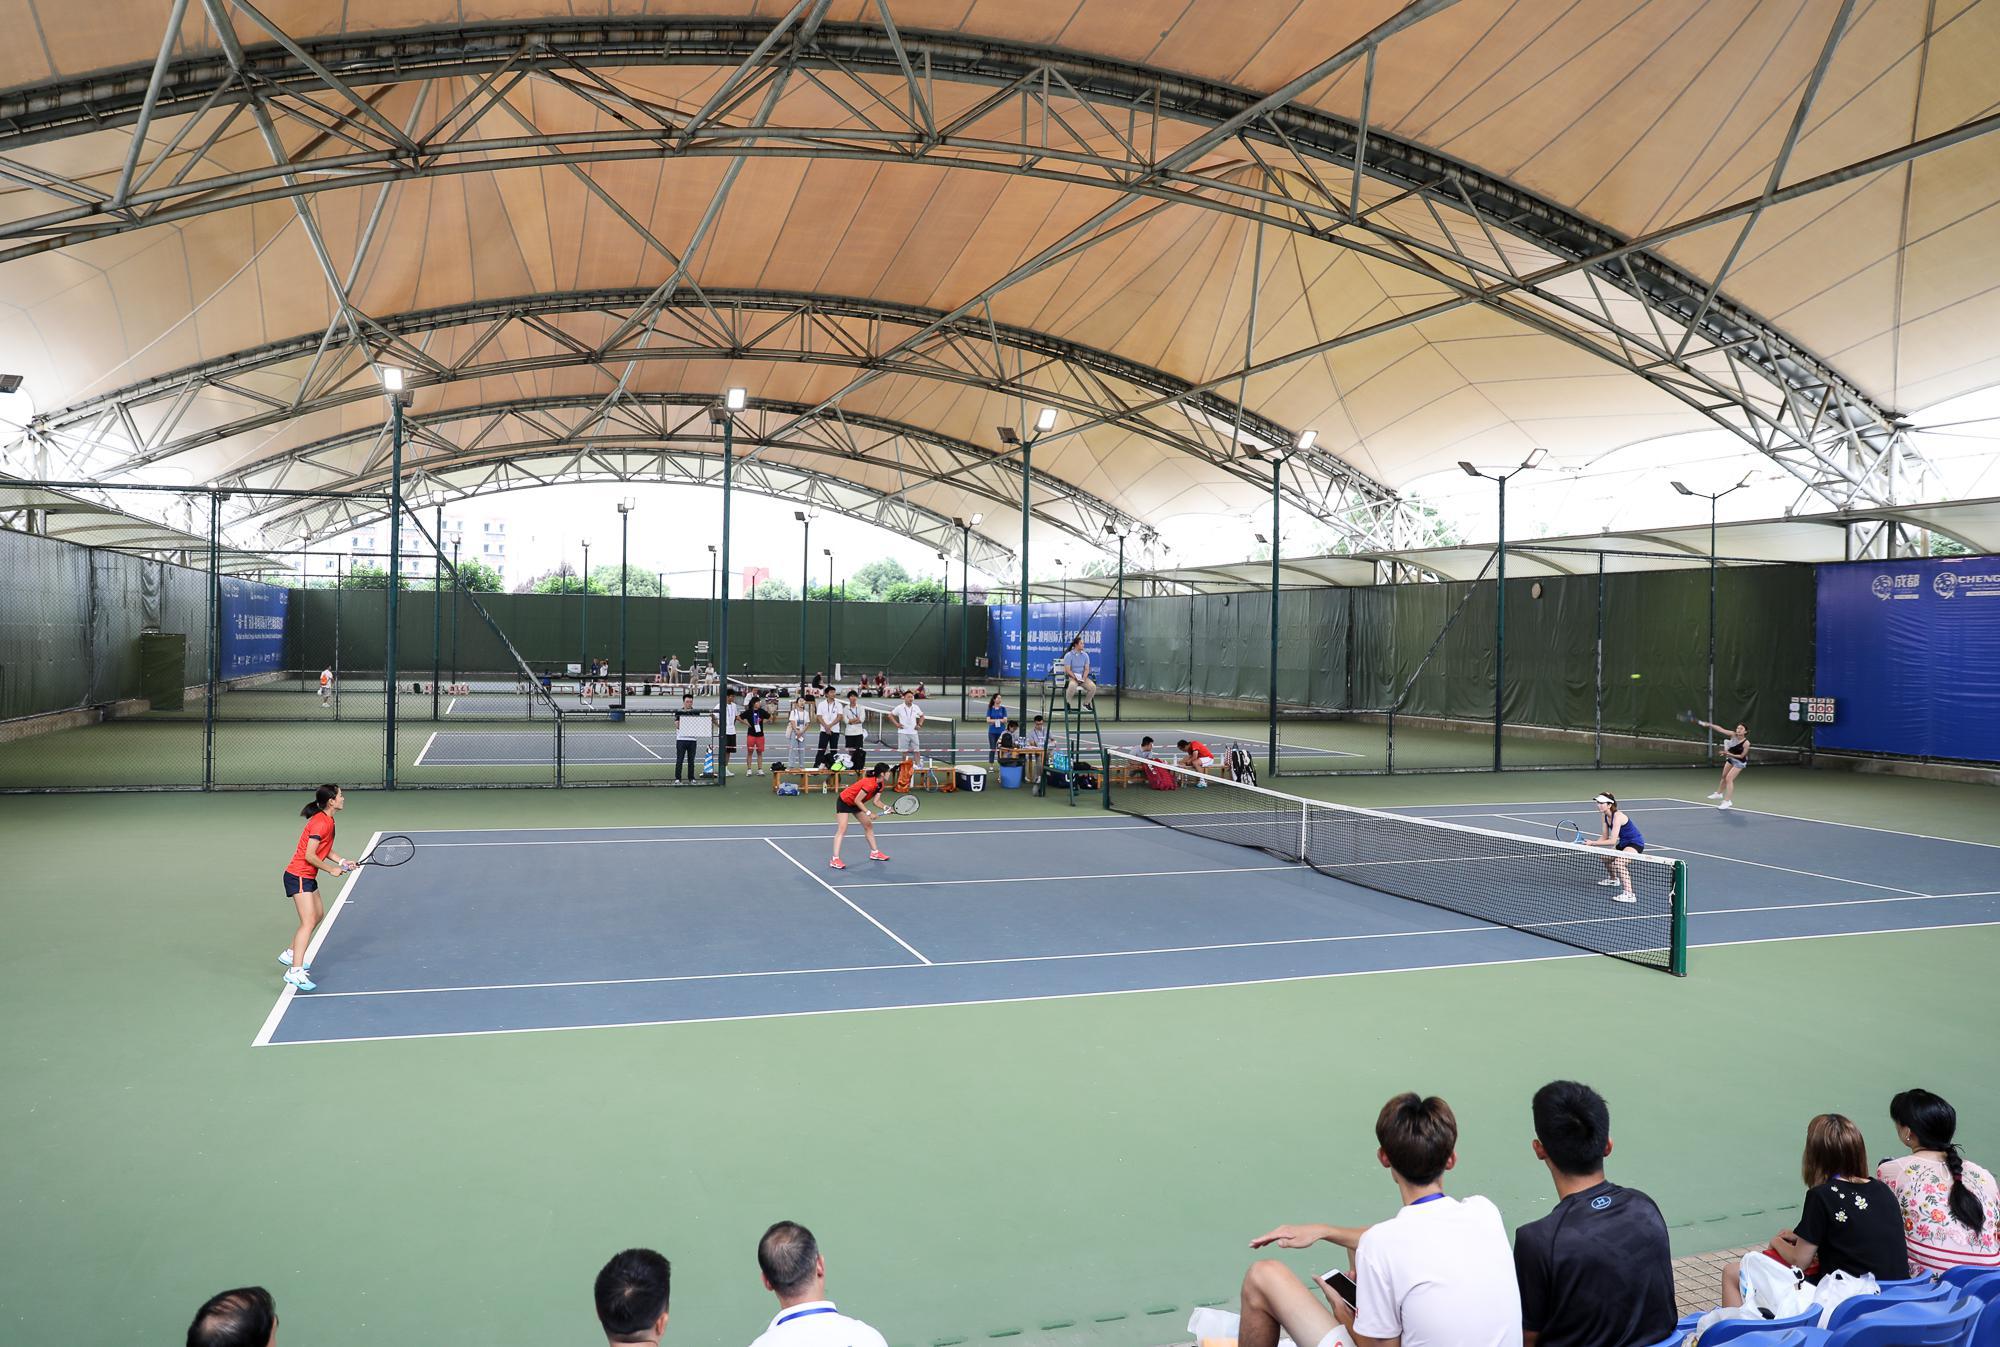 川大收获成都-澳网国际大学生网球赛两连胜